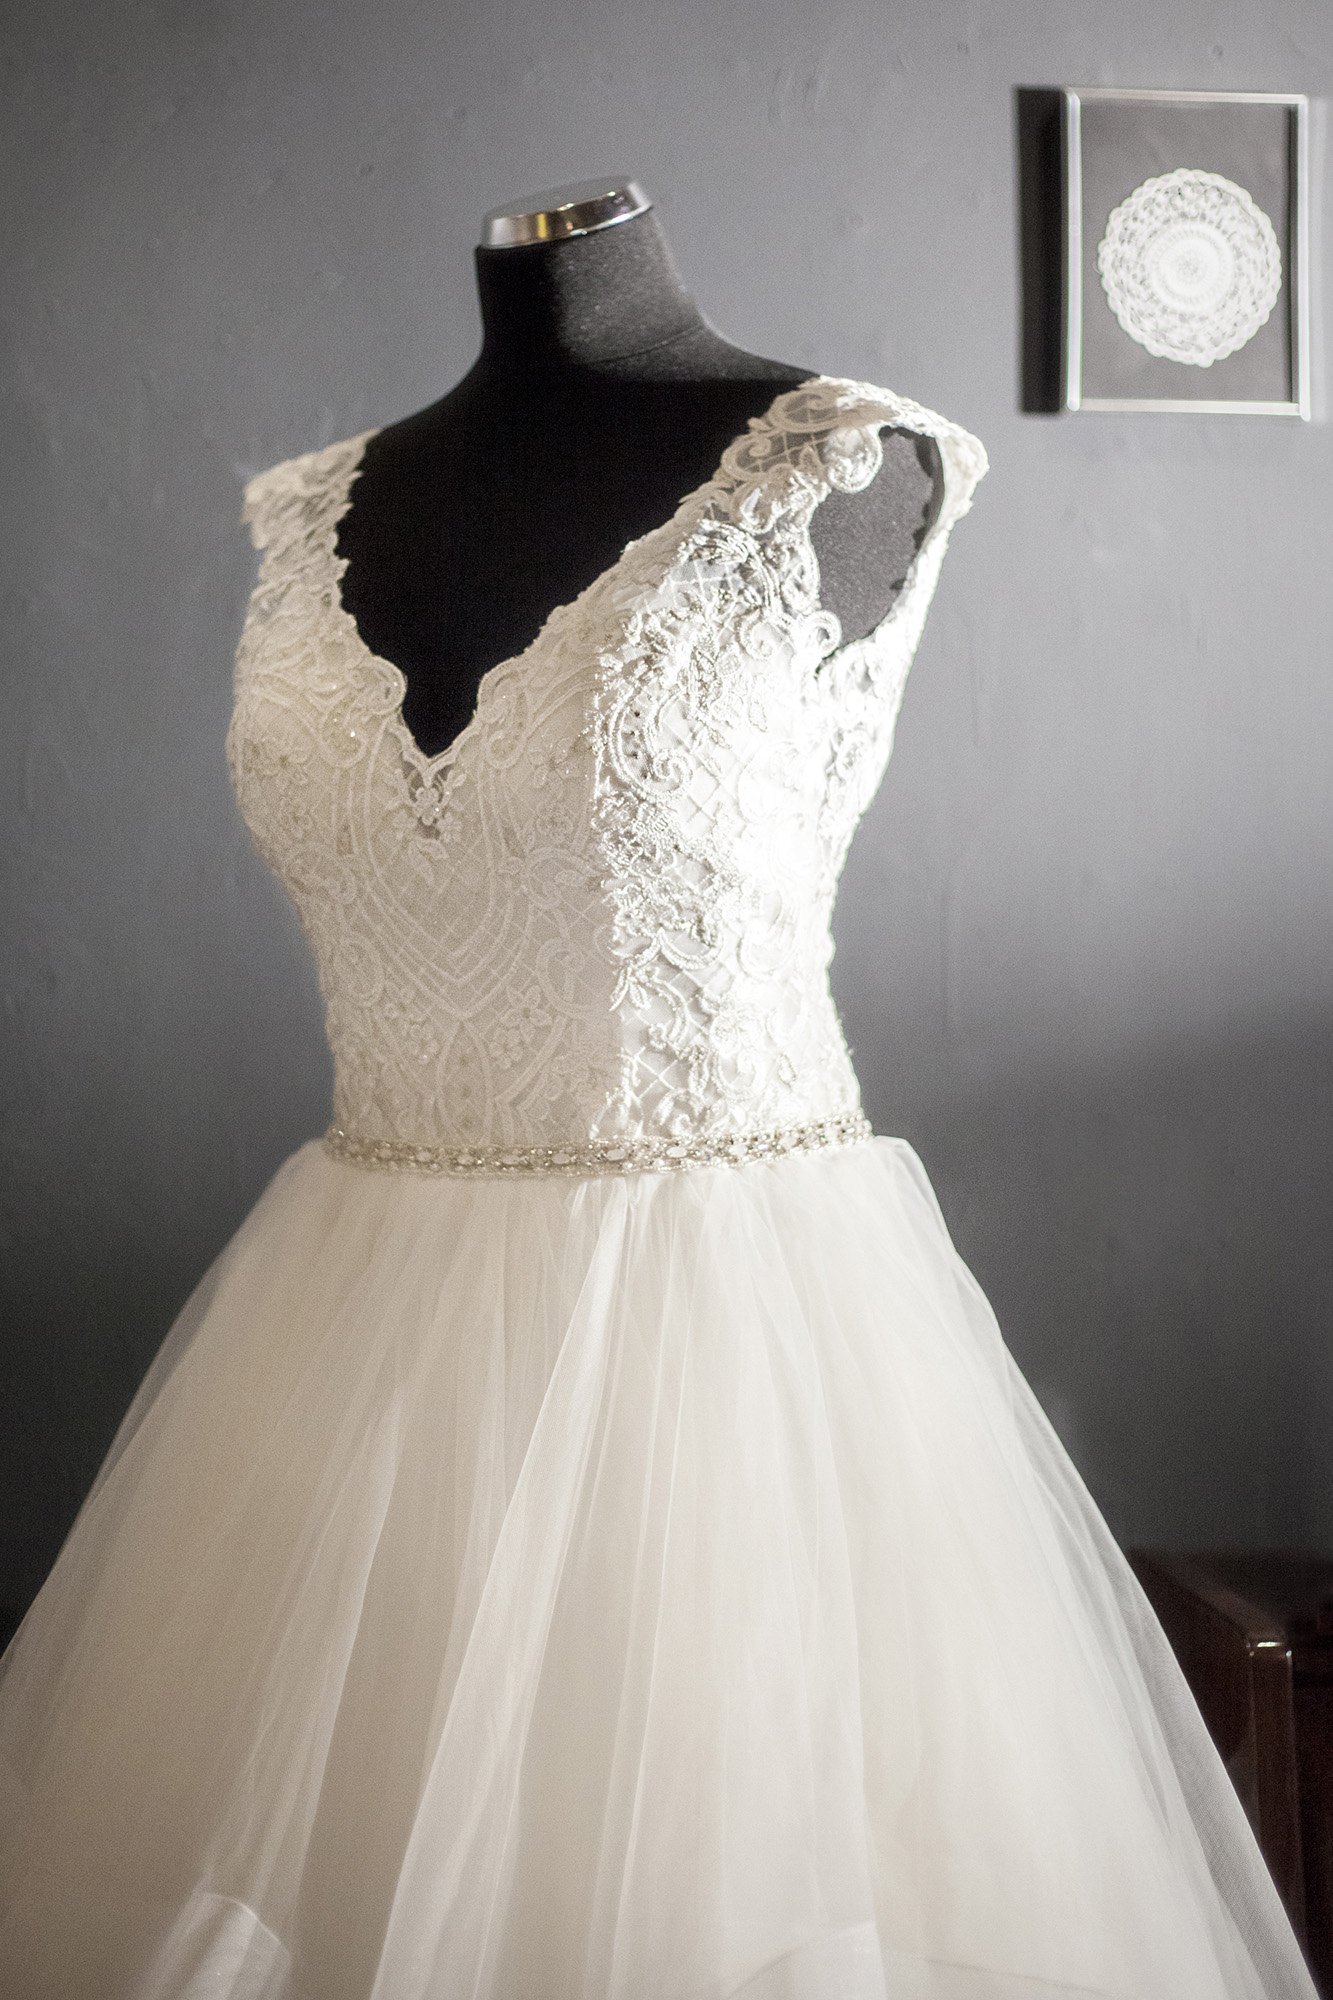 Yes Event Menyasszonyi ruha - Fotó: HootPhoto